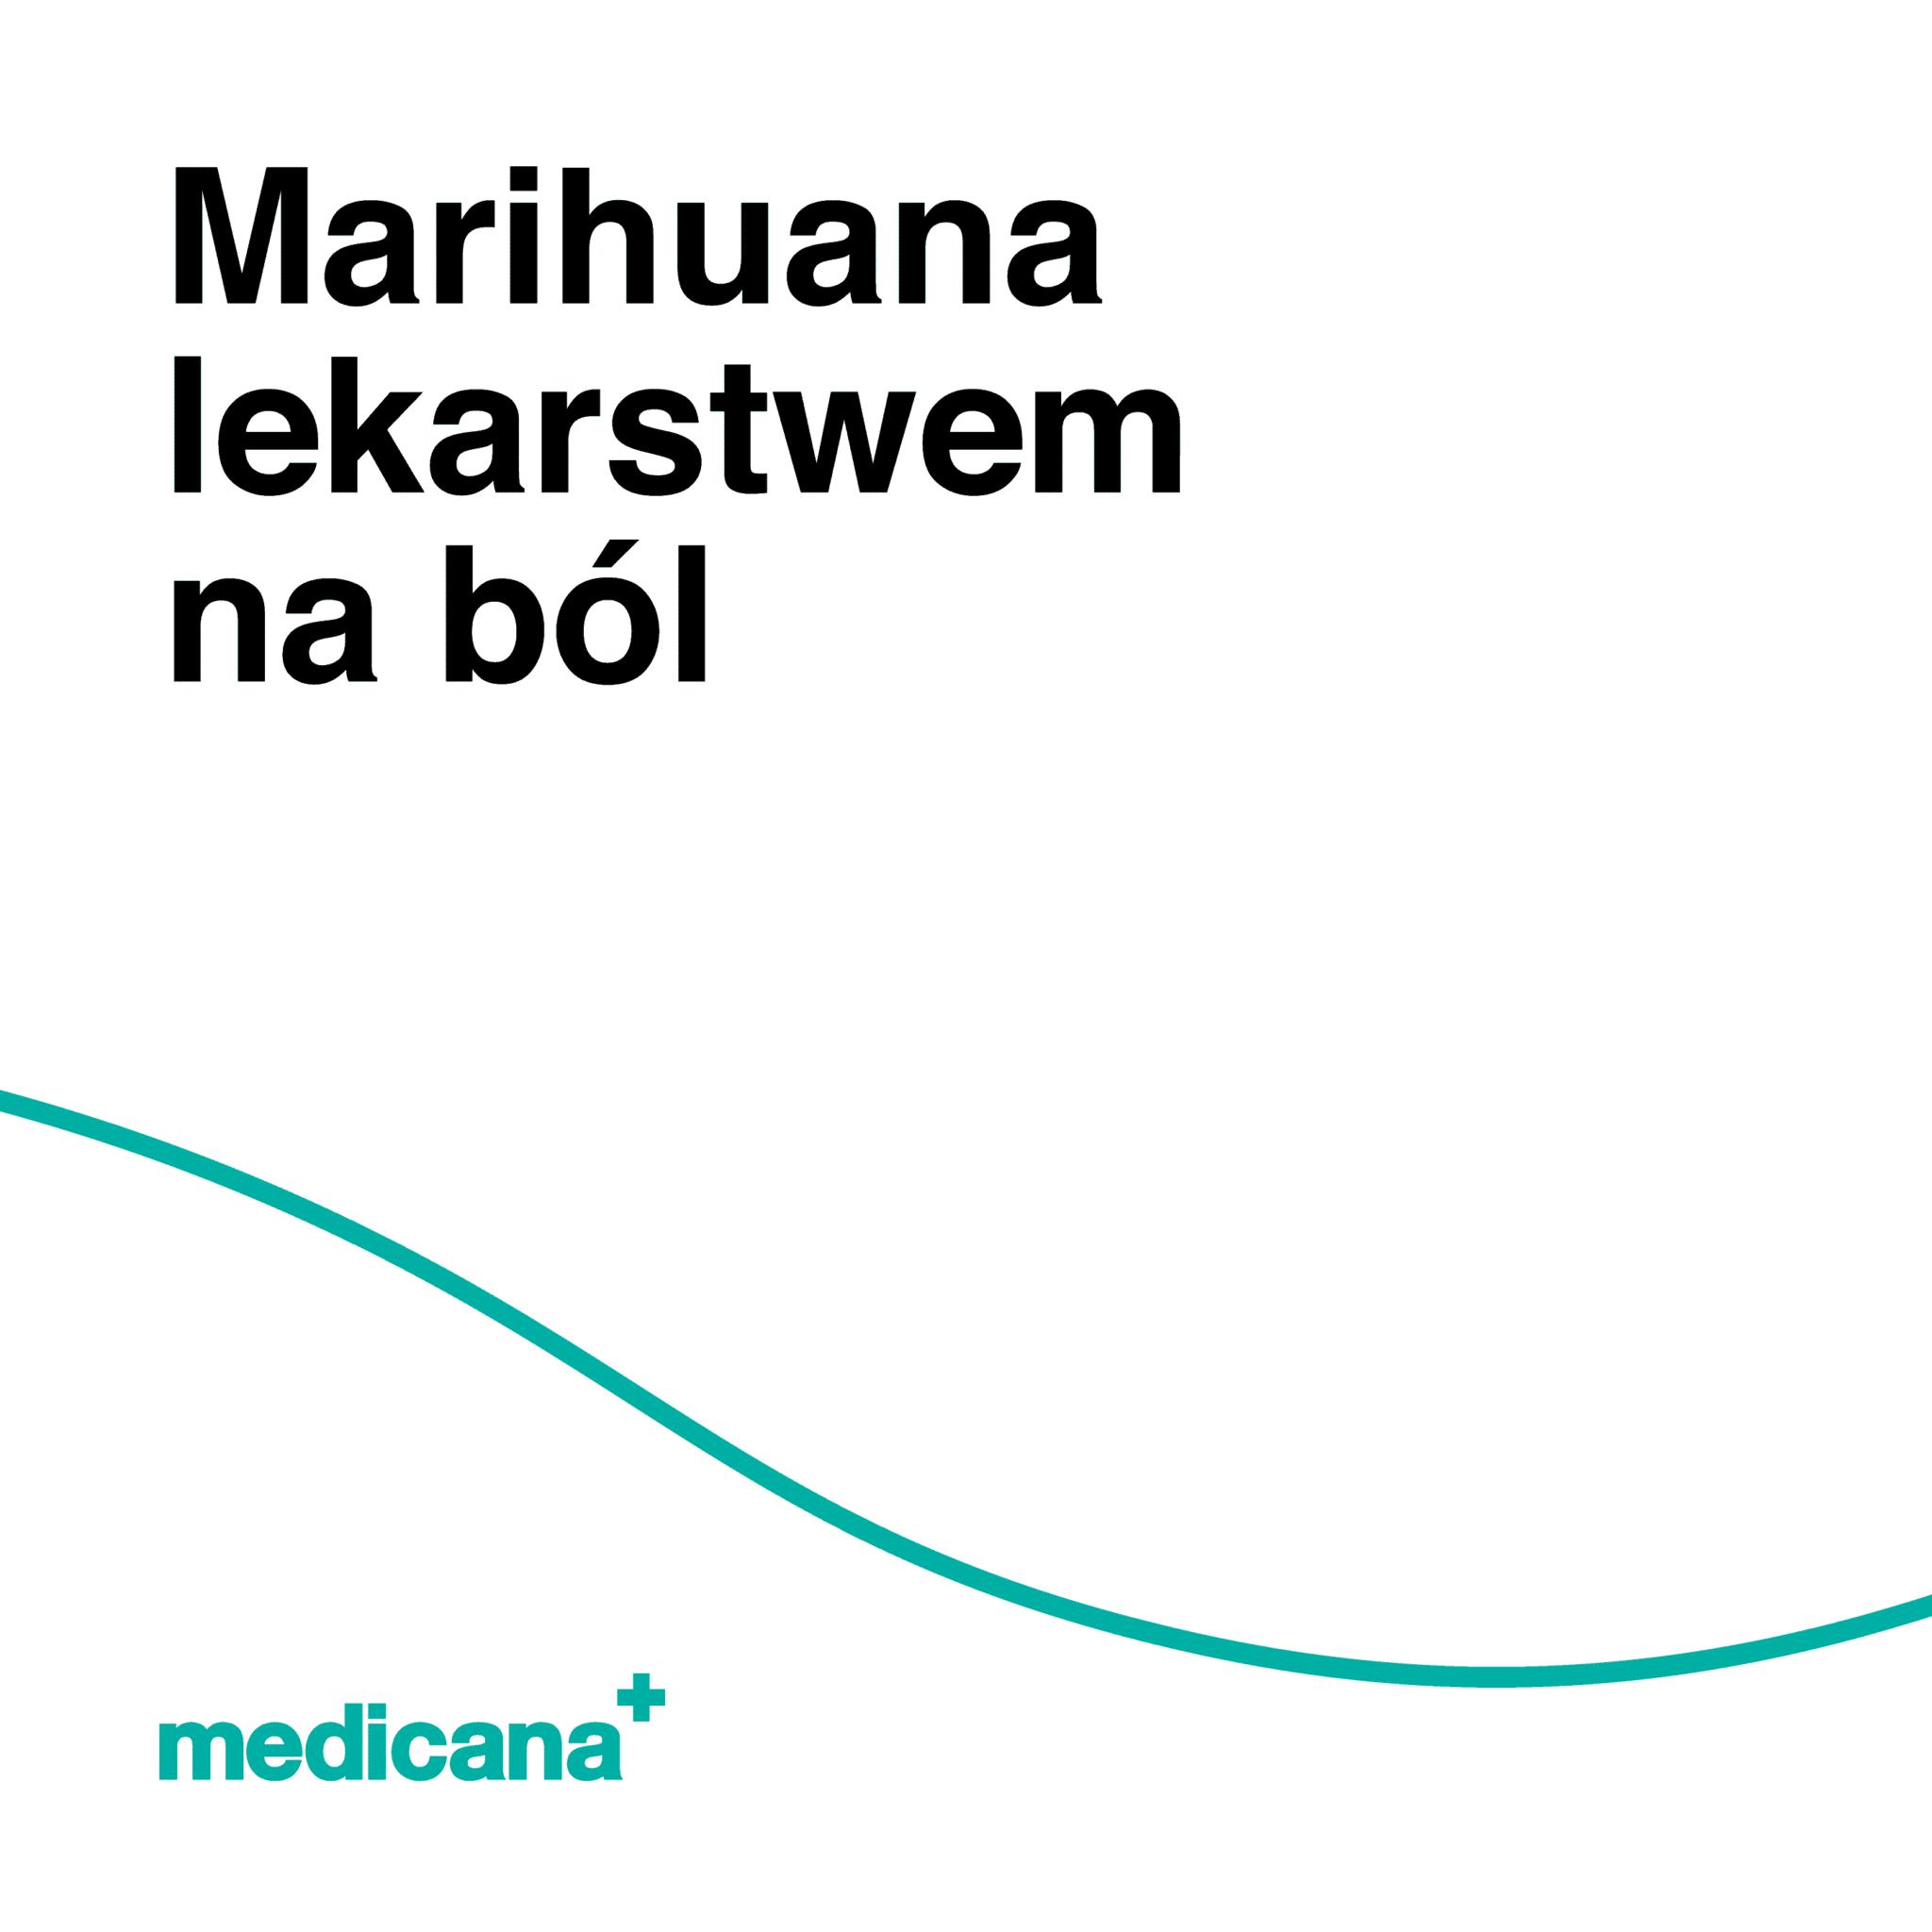 Grafika, białe tło z zieloną linią, czarnym napisem Marihuana lekarstwem na ból oraz zielonym logo Medicana w lewym dolnym rogu.